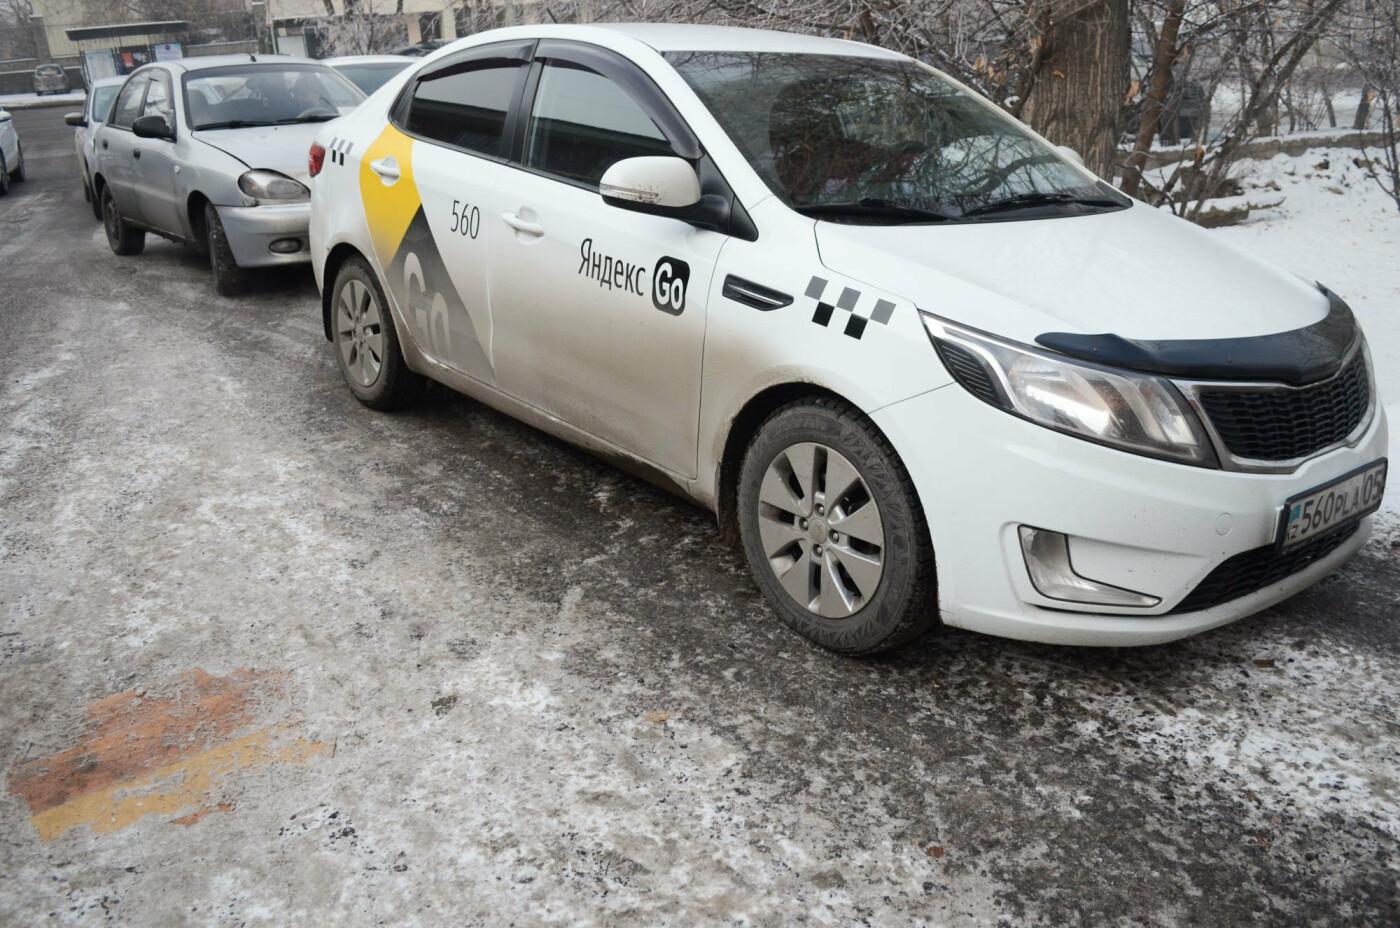 Как дезинфицируют машины, выполняющие заказы сервиса Яндекс.Такси в Алматы, фото-5